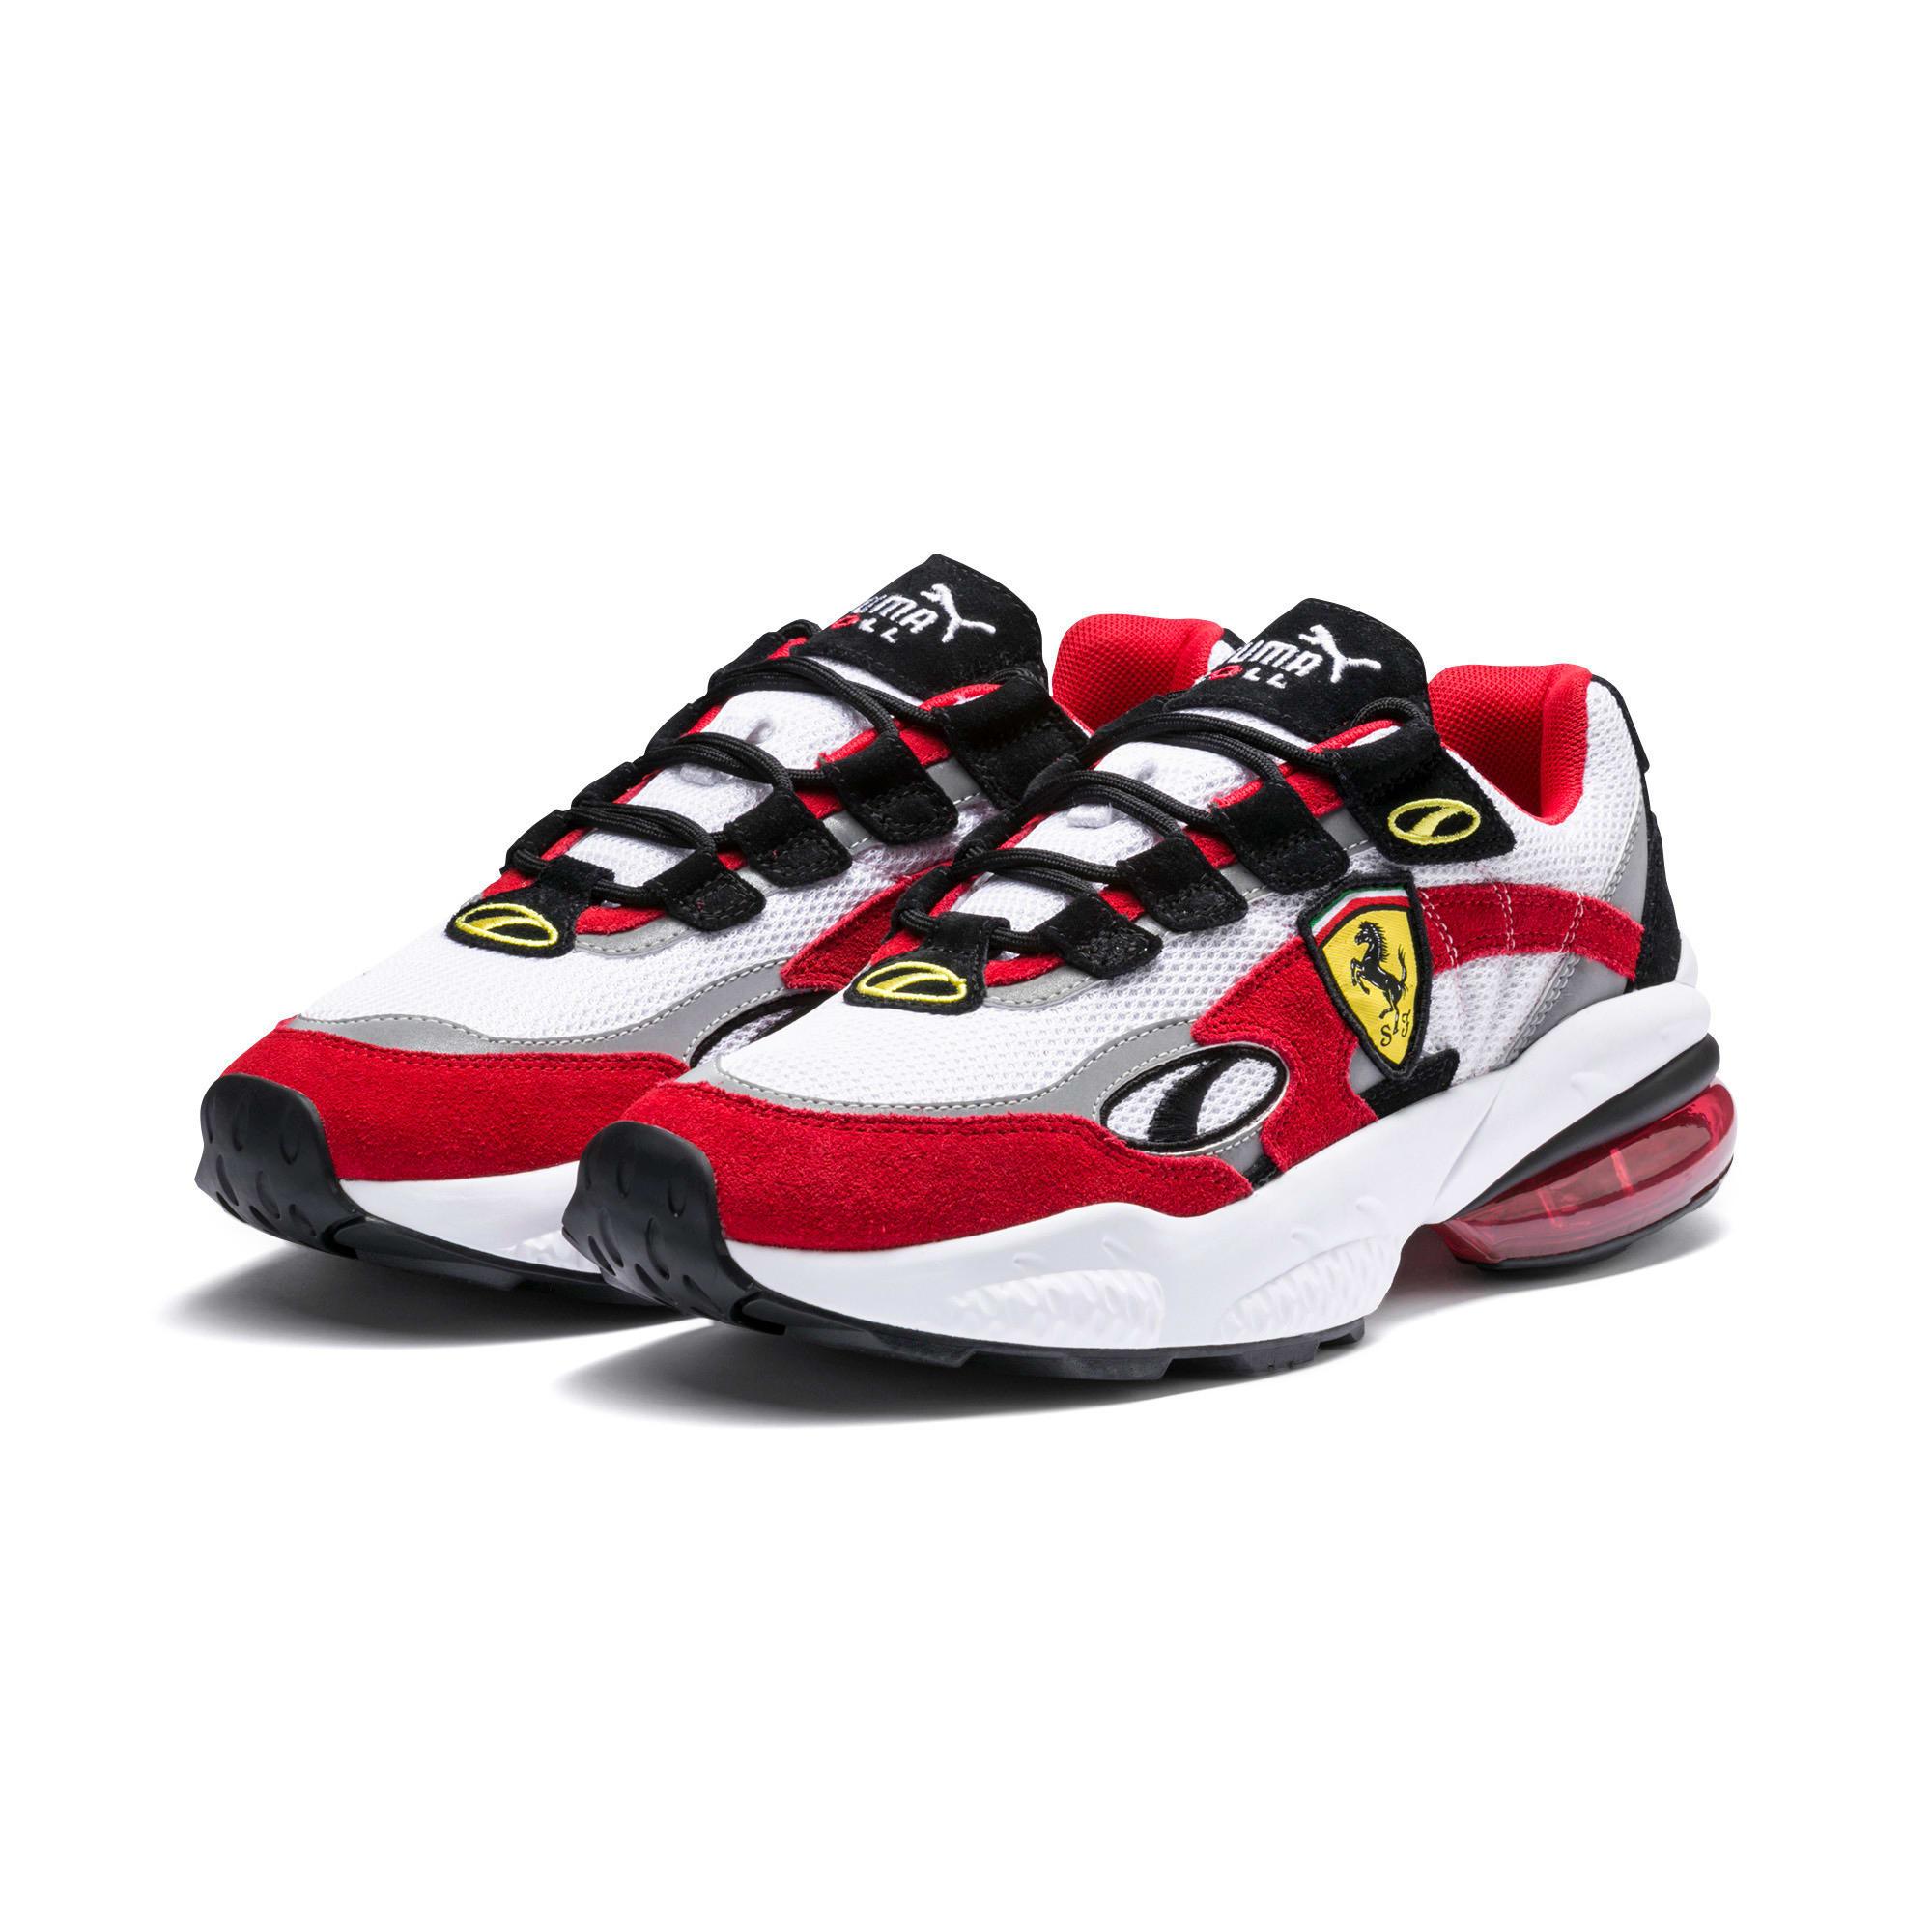 Thumbnail 2 of Scuderia Ferrari CELL Venom Sneakers, Puma White-Rosso Corsa, medium